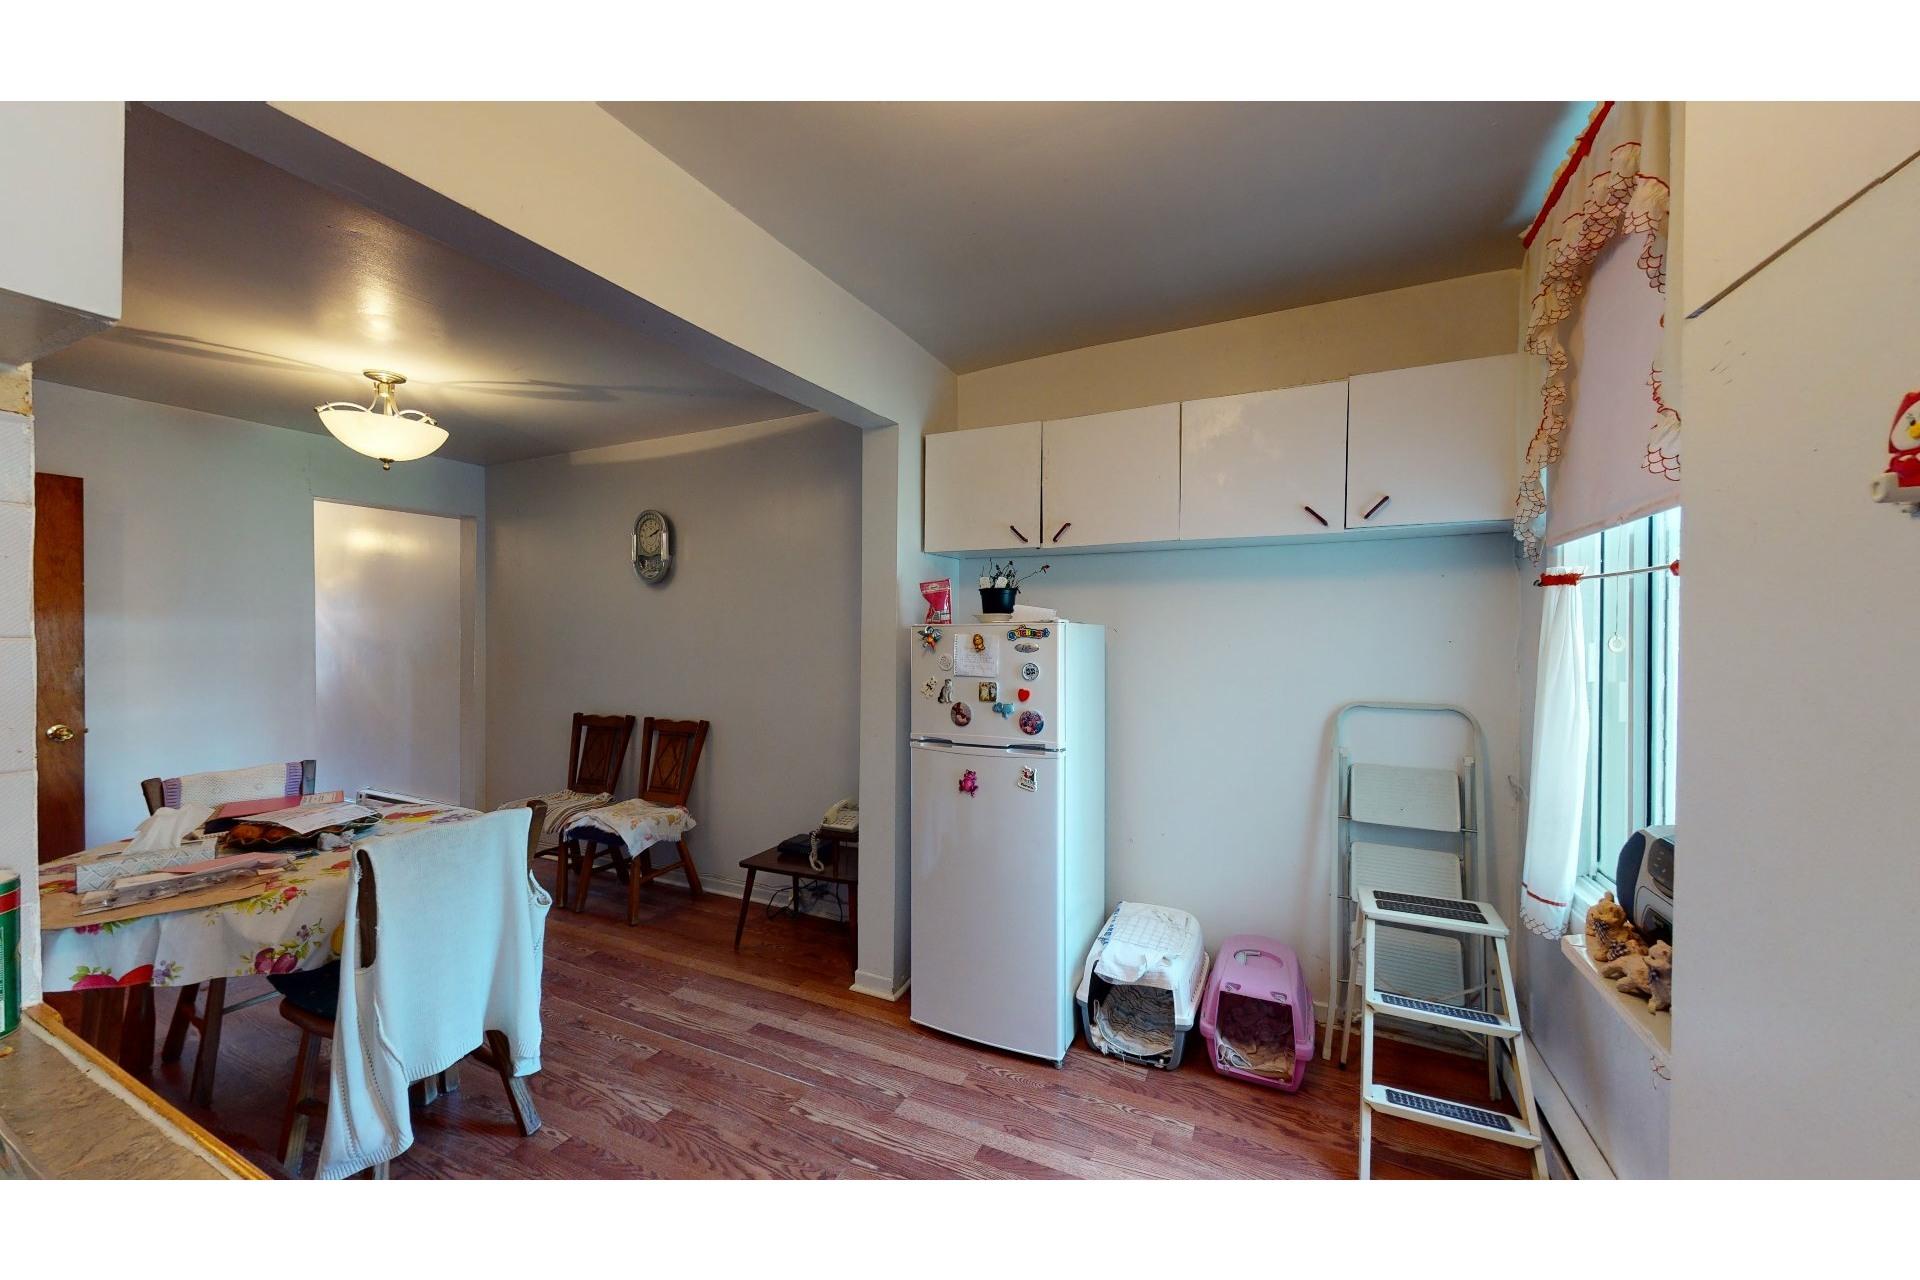 image 13 - Duplex À vendre Rosemont/La Petite-Patrie Montréal  - 4 pièces